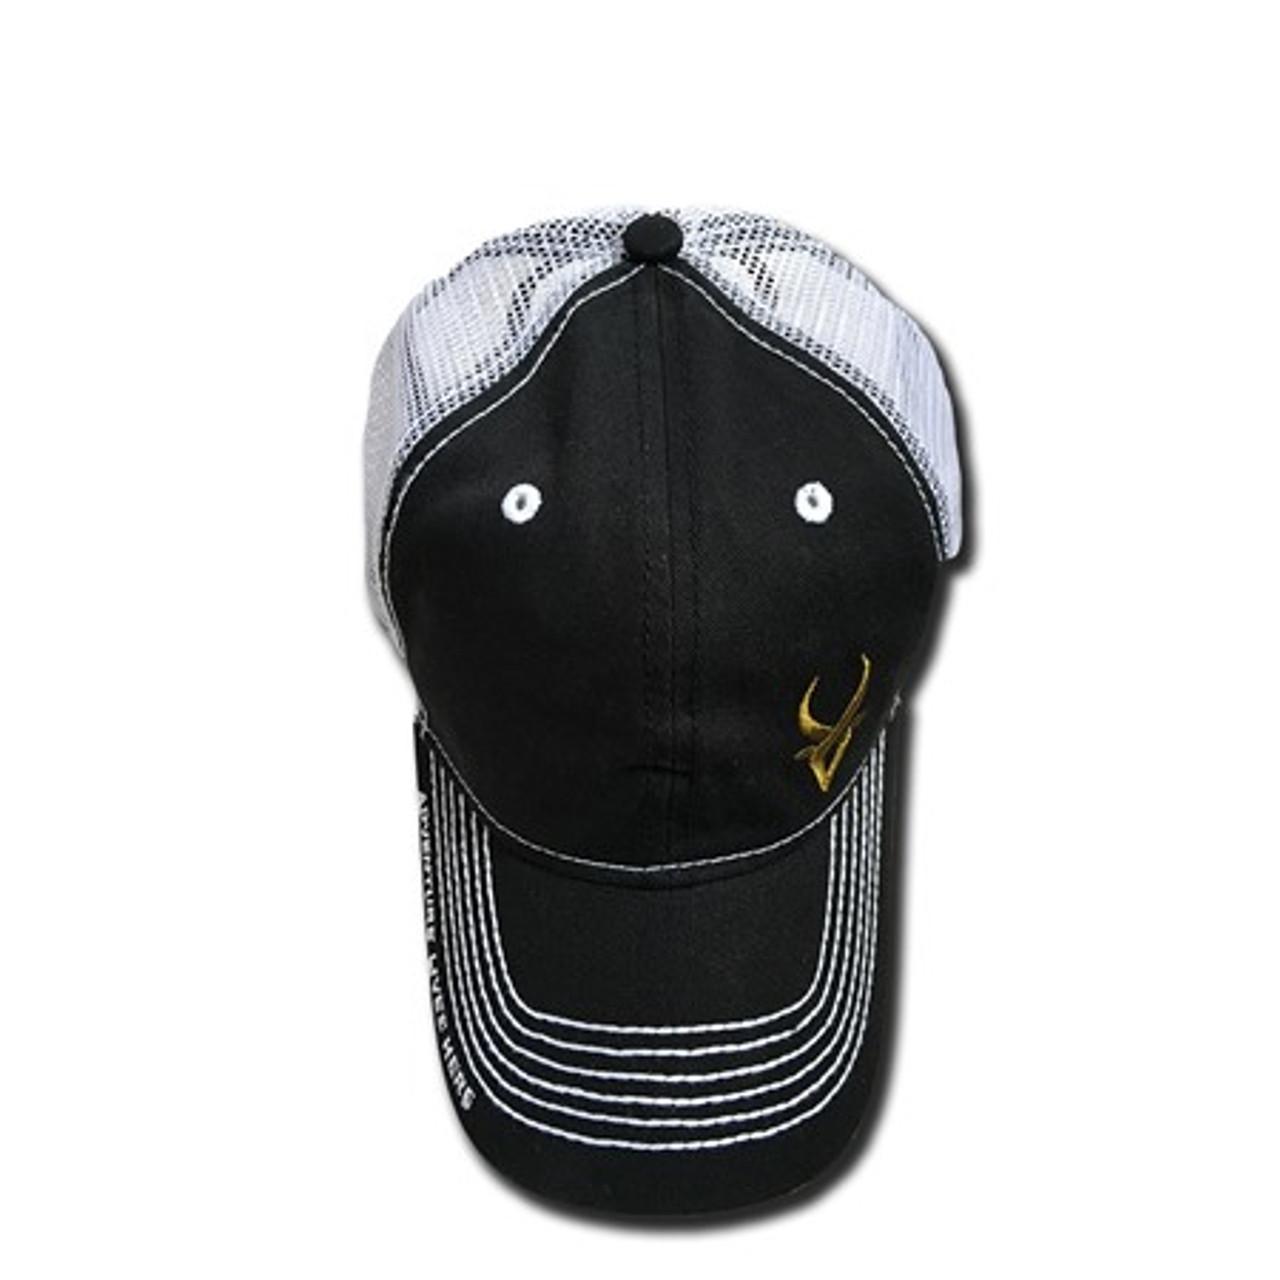 True Magnum's Elite Cap